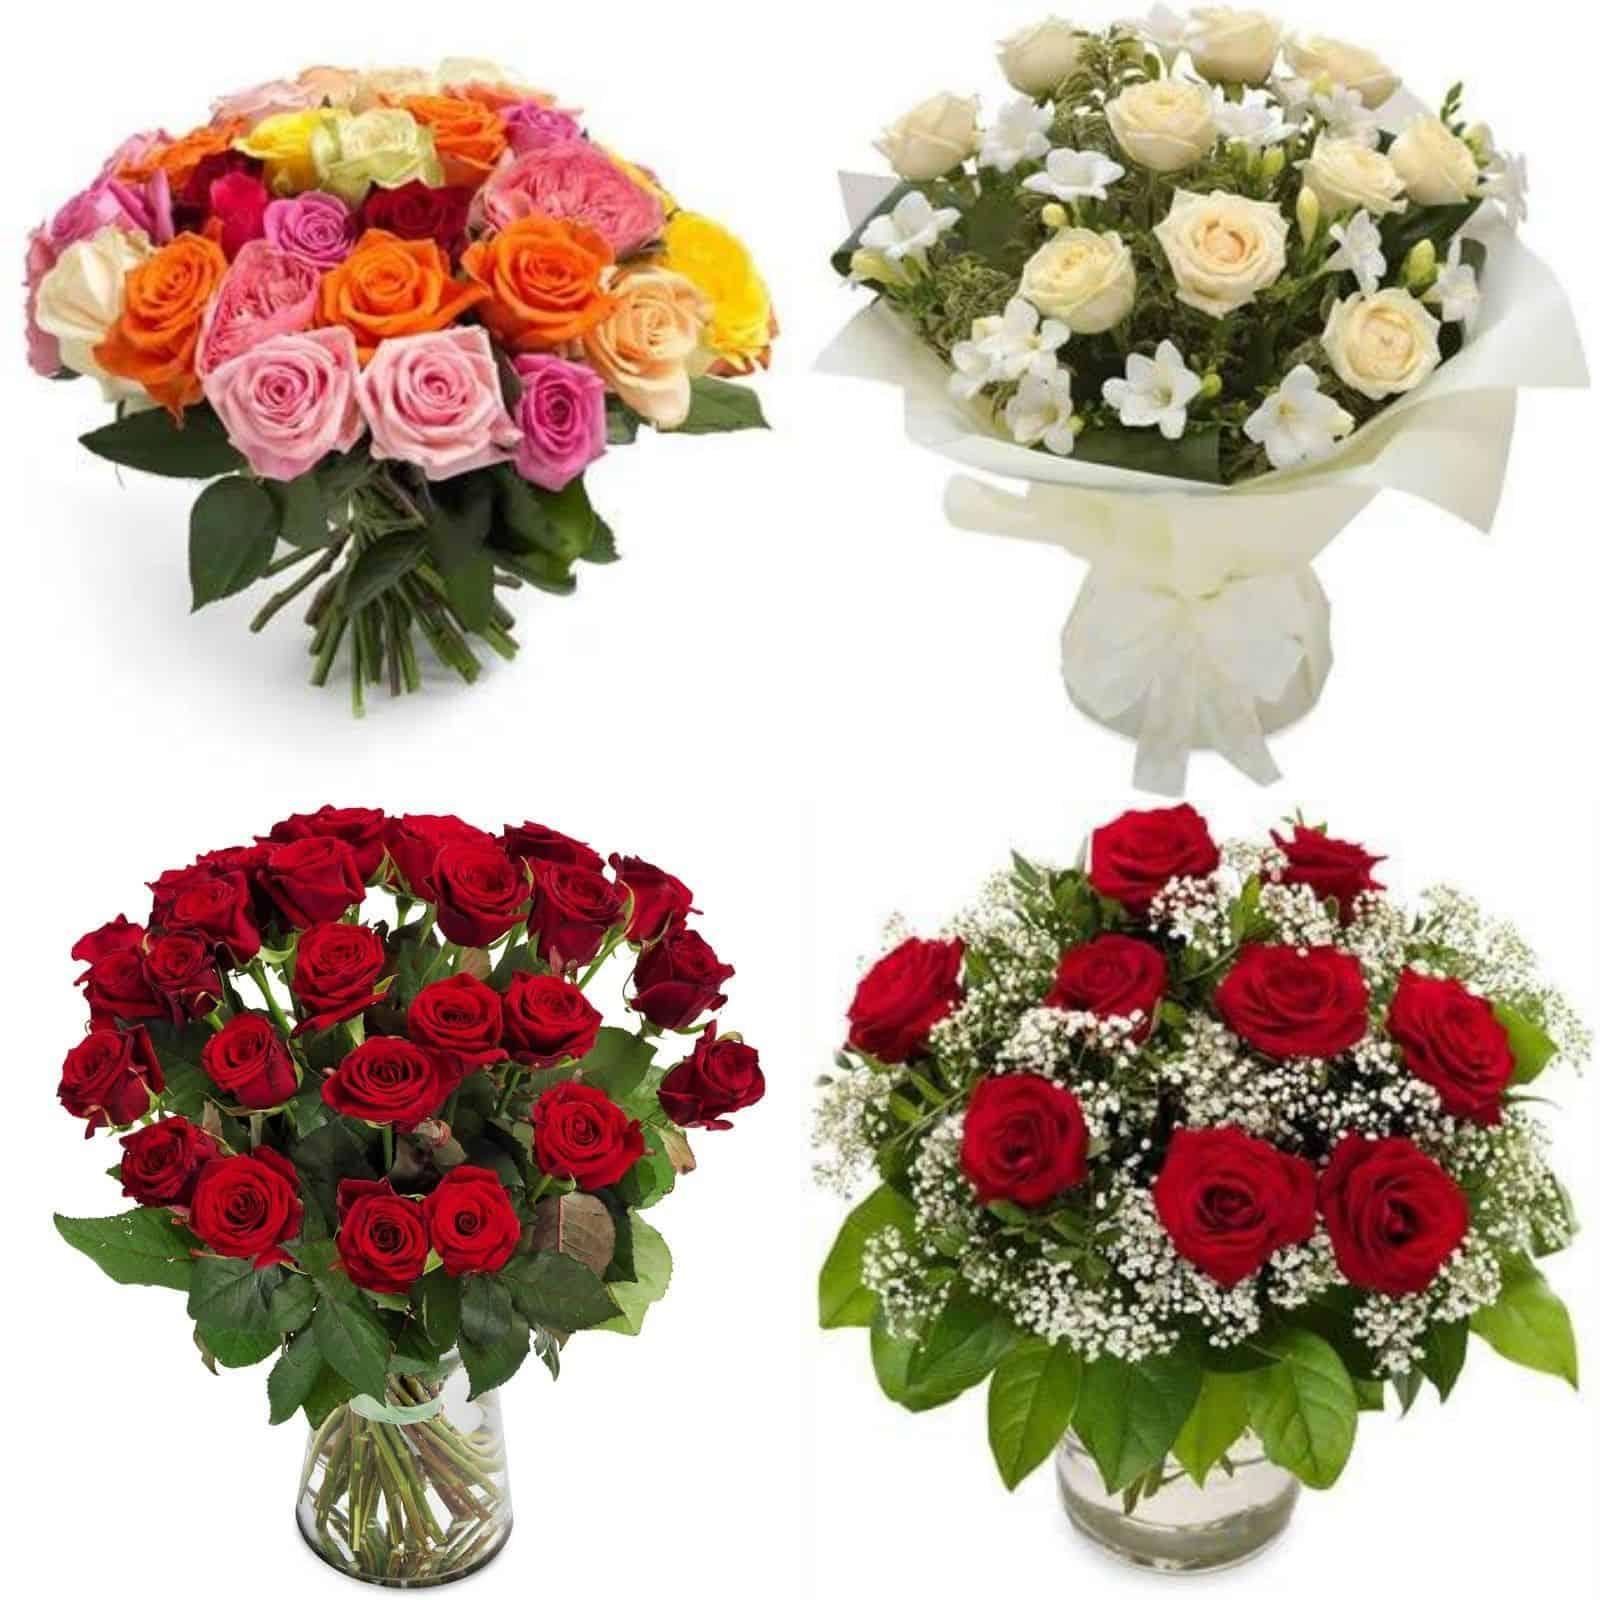 Blumenstrauß verschicken Euroflorist